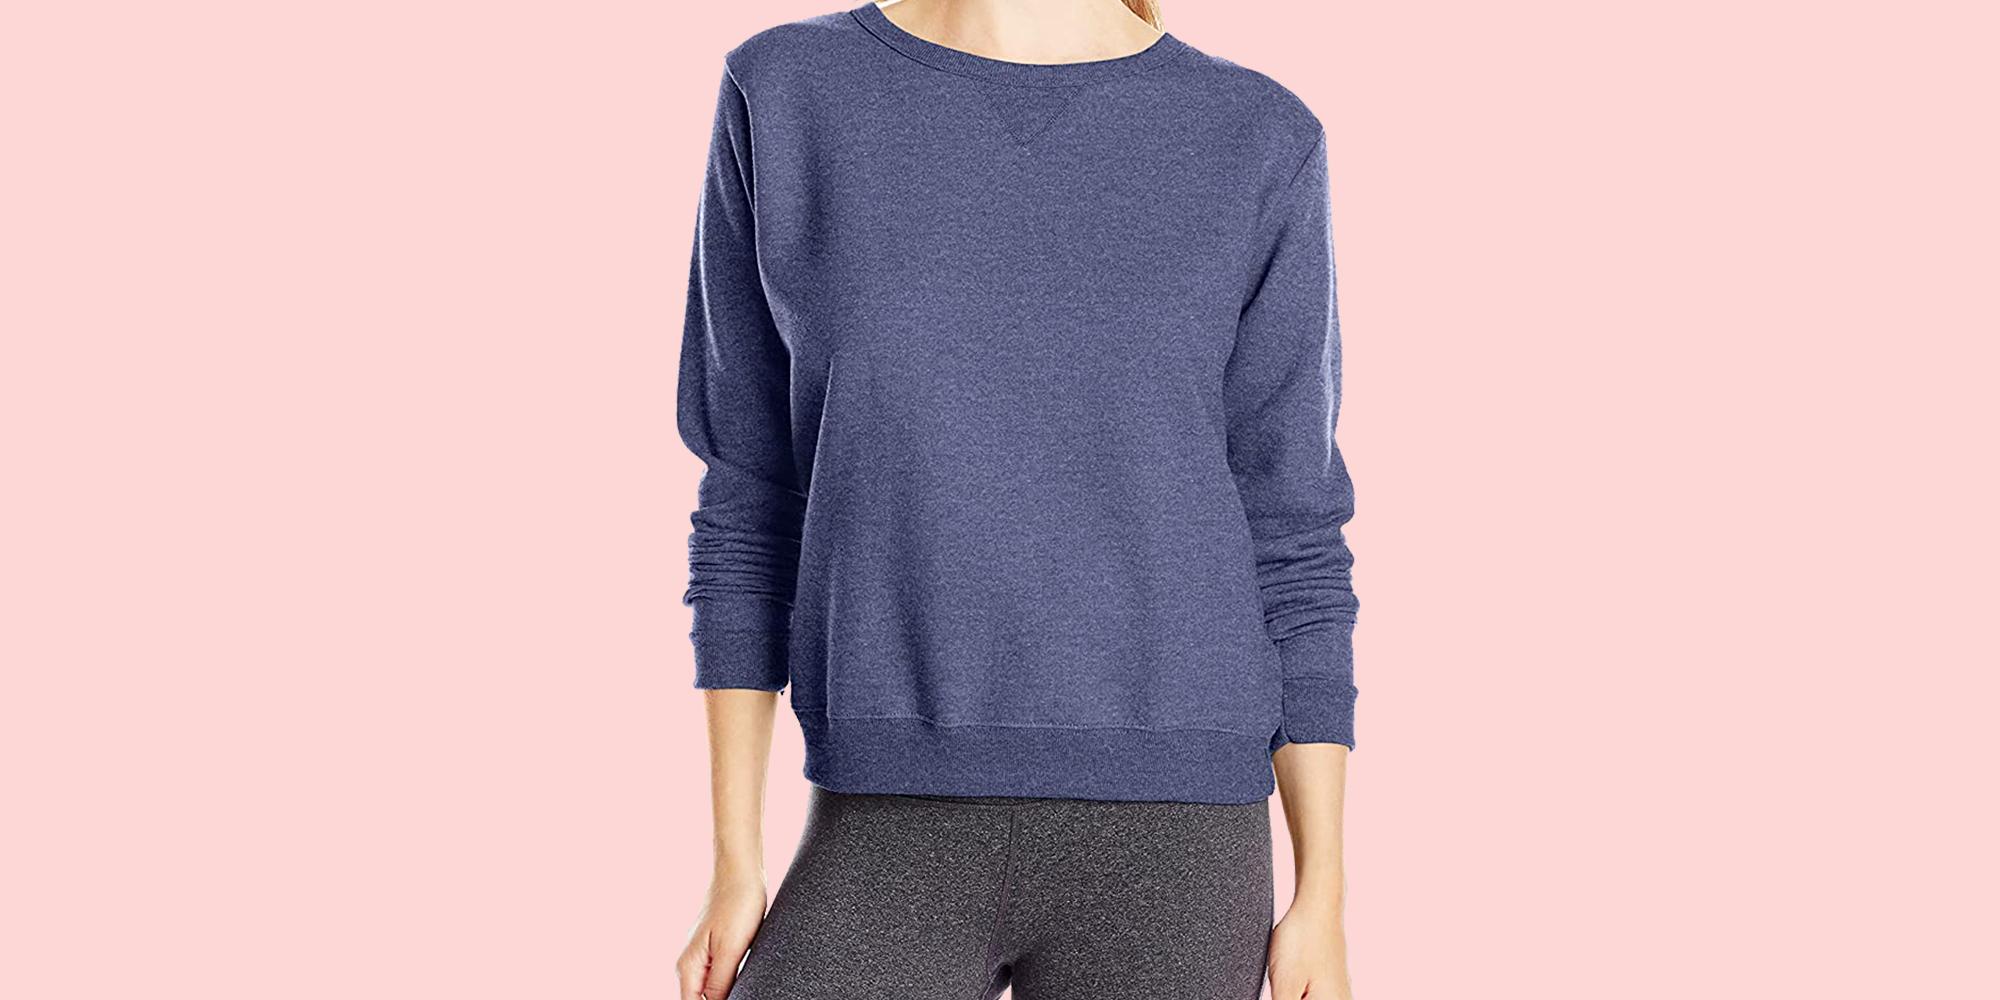 Los suéteres más vendidos en Amazon por menos de 30 euros